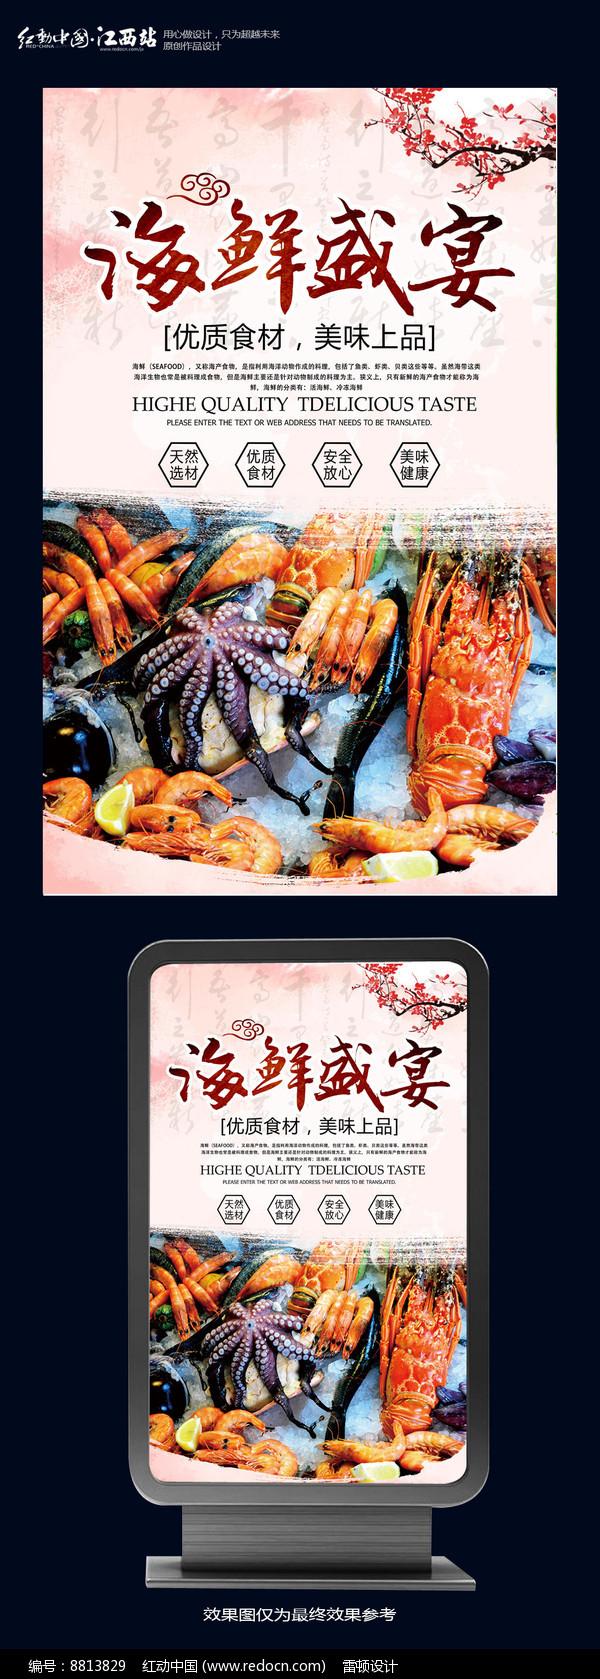 创意海鲜自助餐美食海报图片